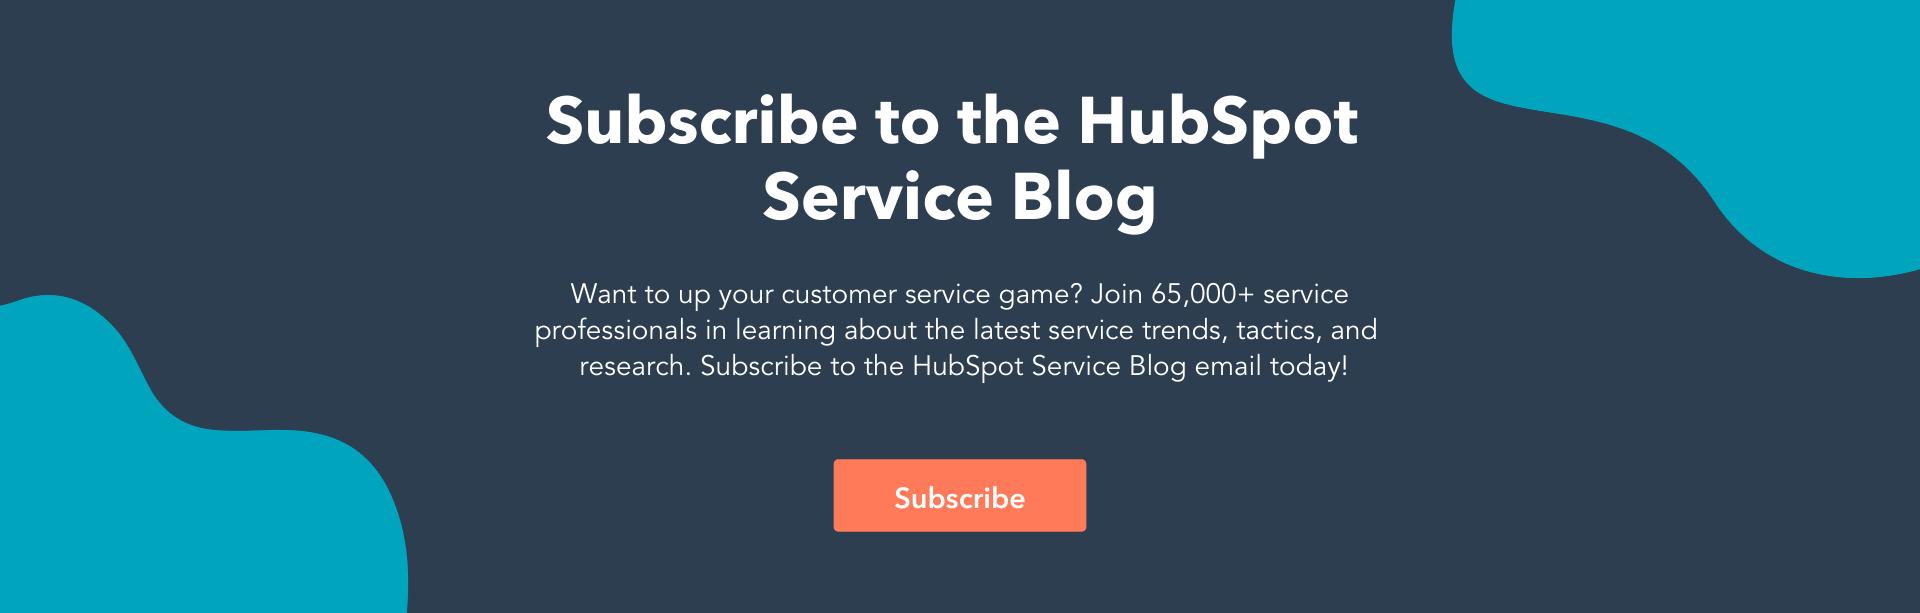 hubspot service blog